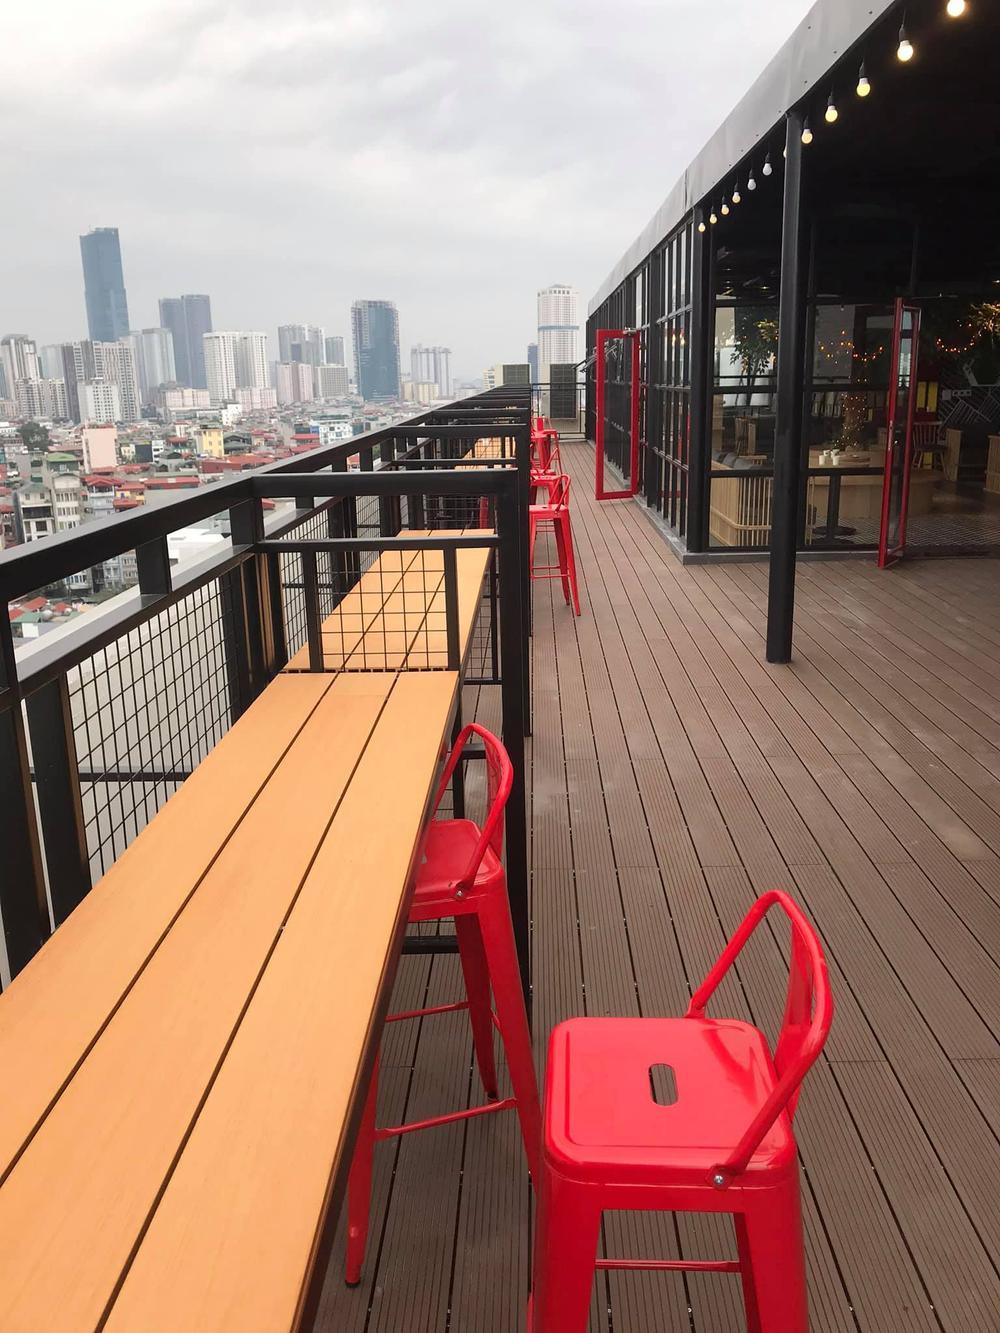 Sang chảnh như 'trường người ta', đầu tư hẳn quán cafe - bar rooftop khiến sinh viên háo hức Ảnh 5